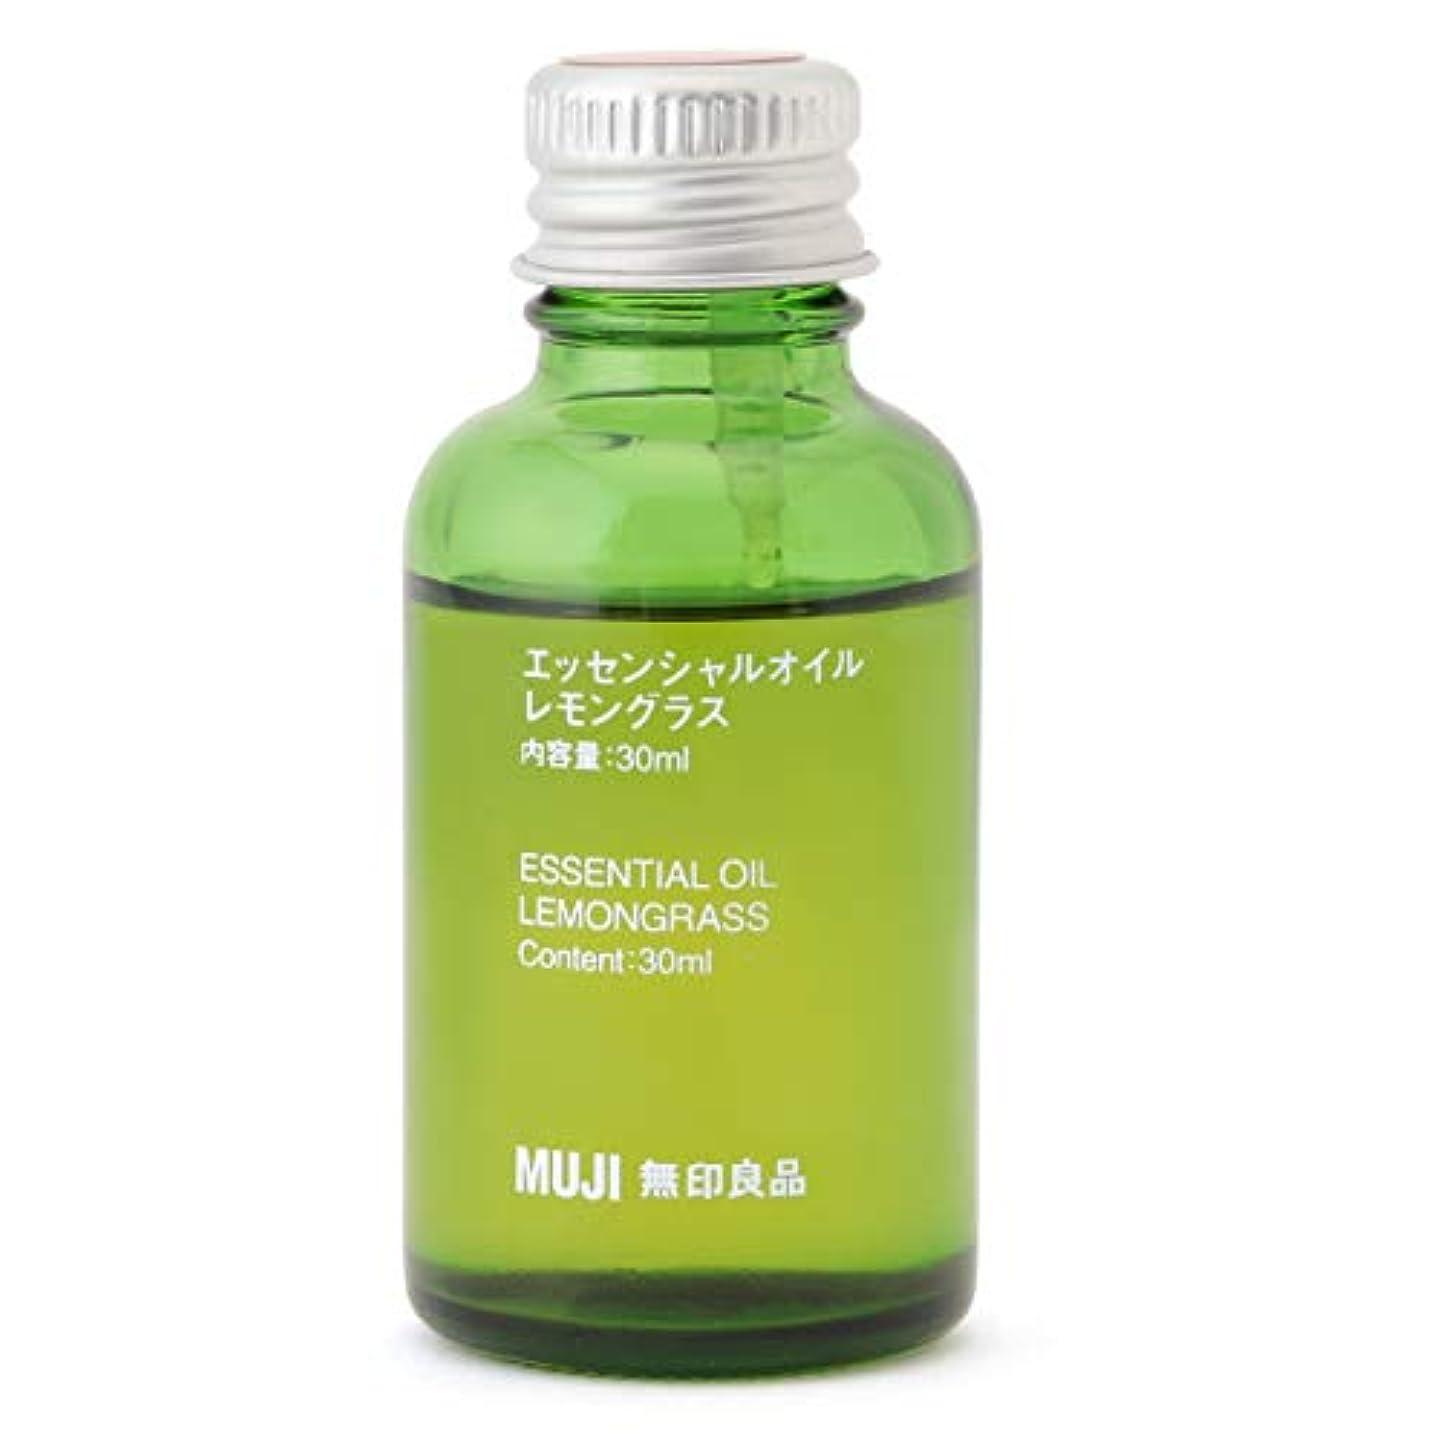 ルート量で複雑【無印良品】エッセンシャルオイル30ml(レモングラス)